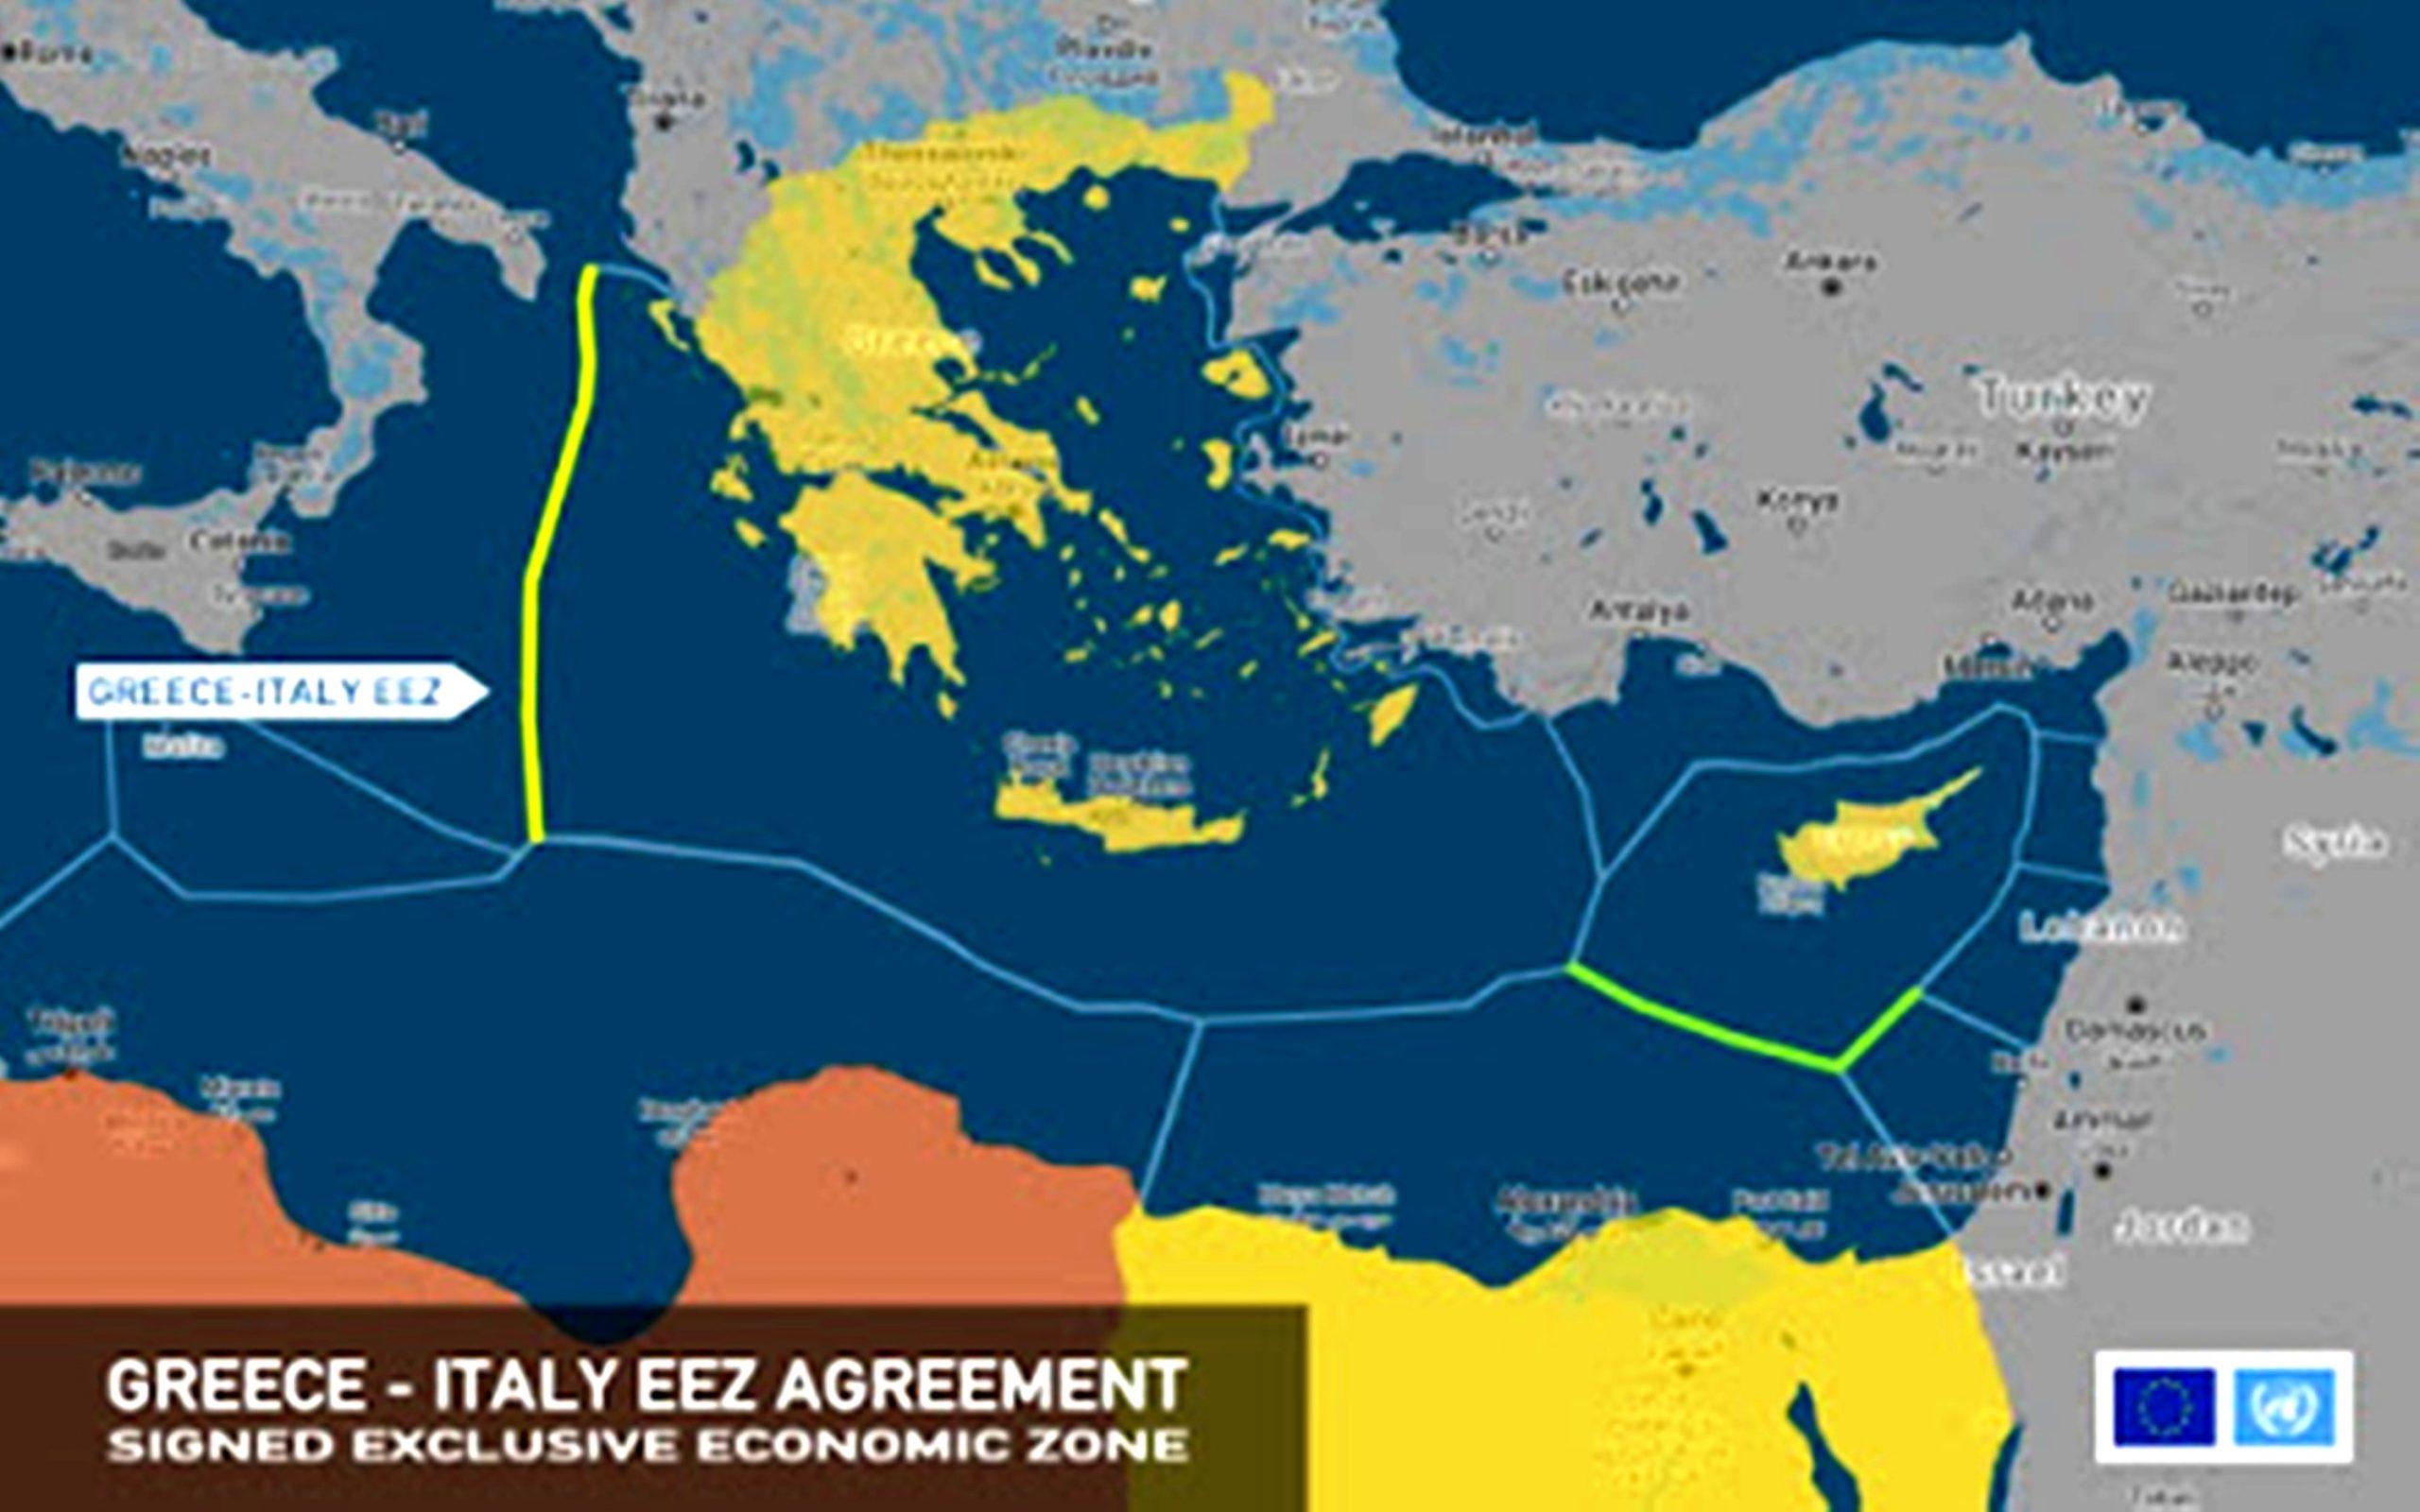 Νίκη ή ήττα; Μια θεώρηση της οριοθέτησης Ελλάδας – Ιταλίας